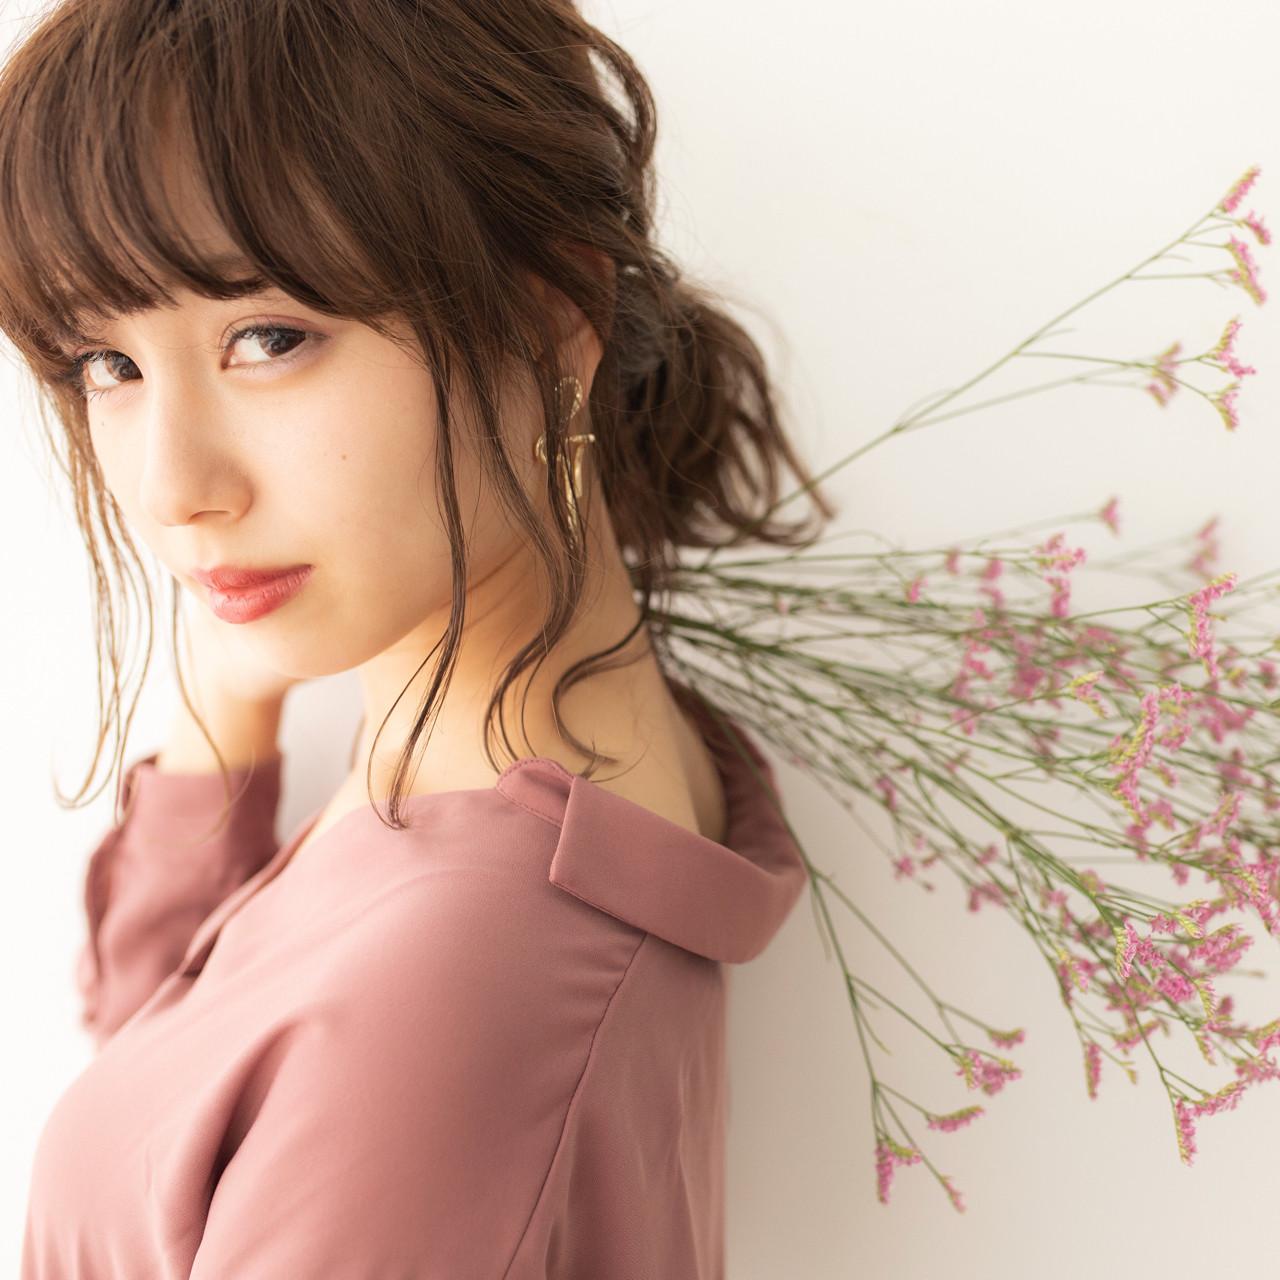 ゆるふわ ミディアム 女子力 簡単ヘアアレンジ ヘアスタイルや髪型の写真・画像